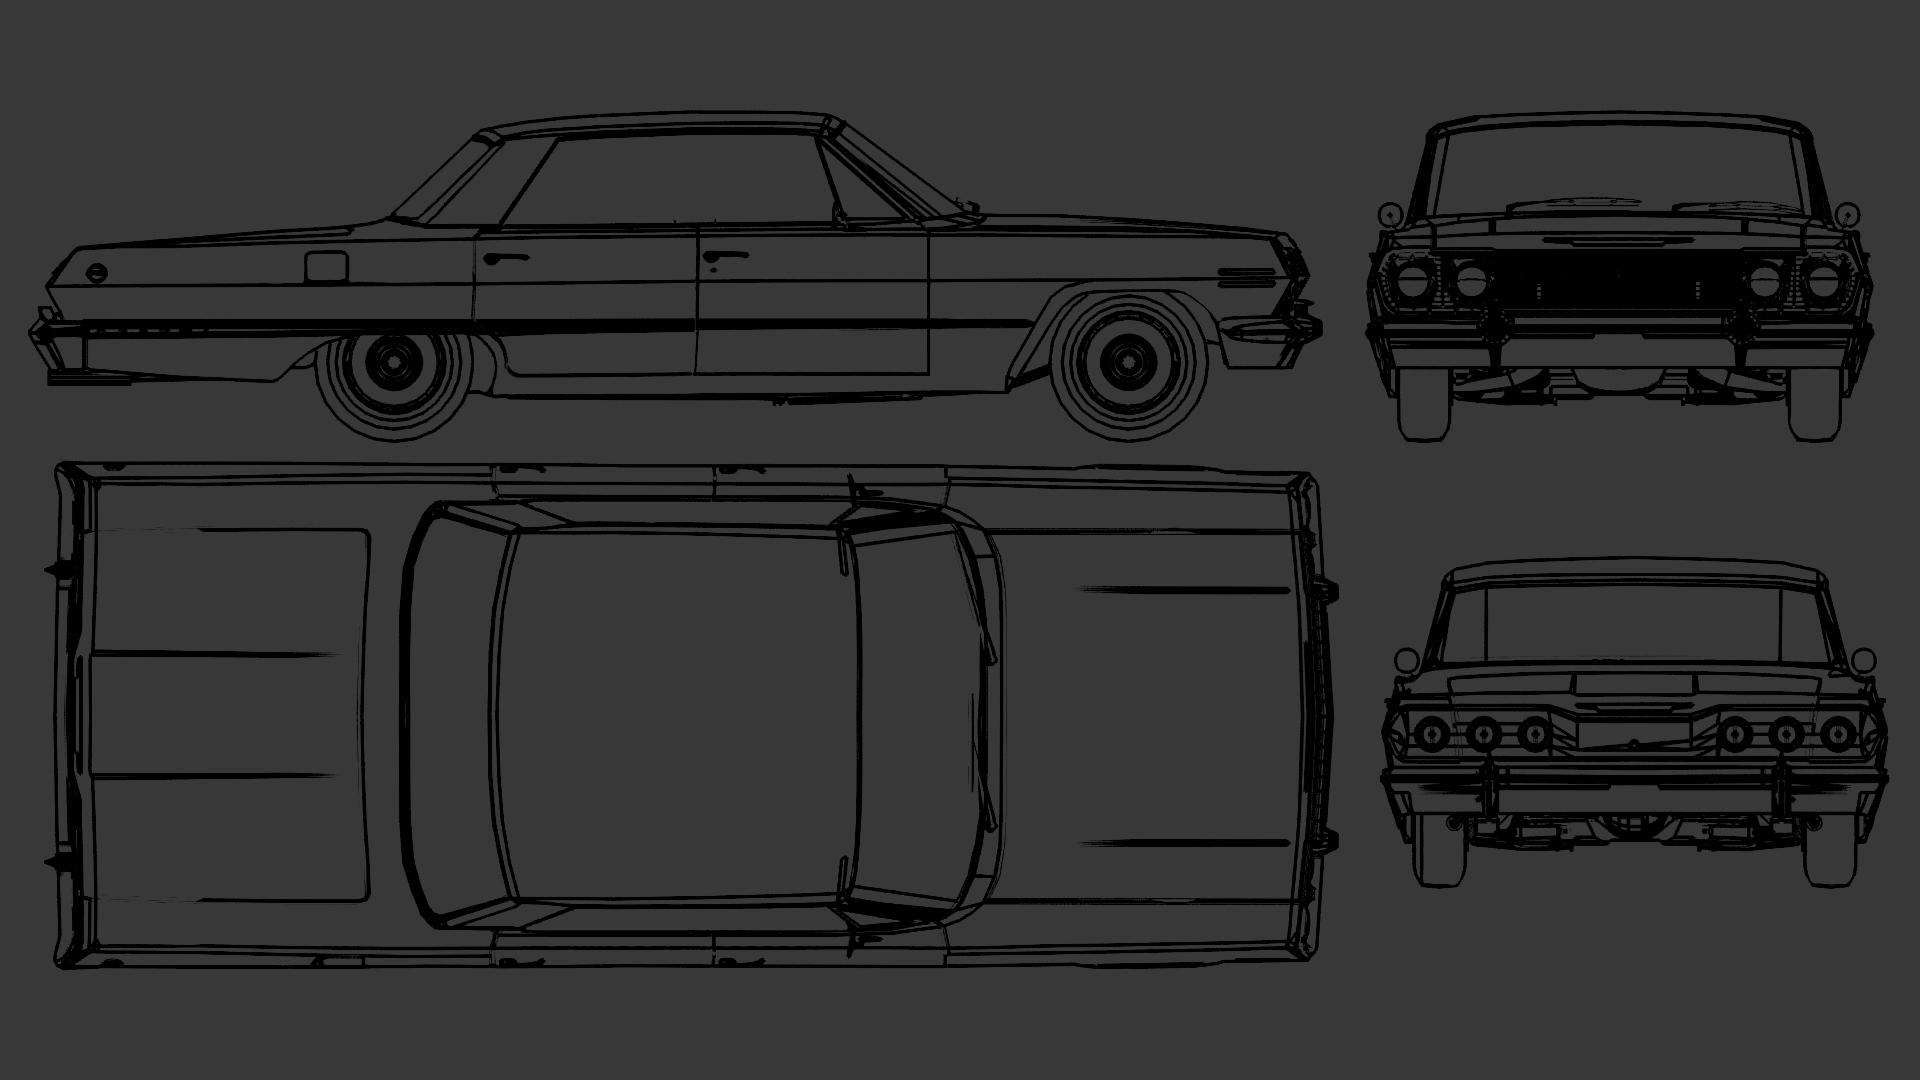 Chevrolet Impala blueprint